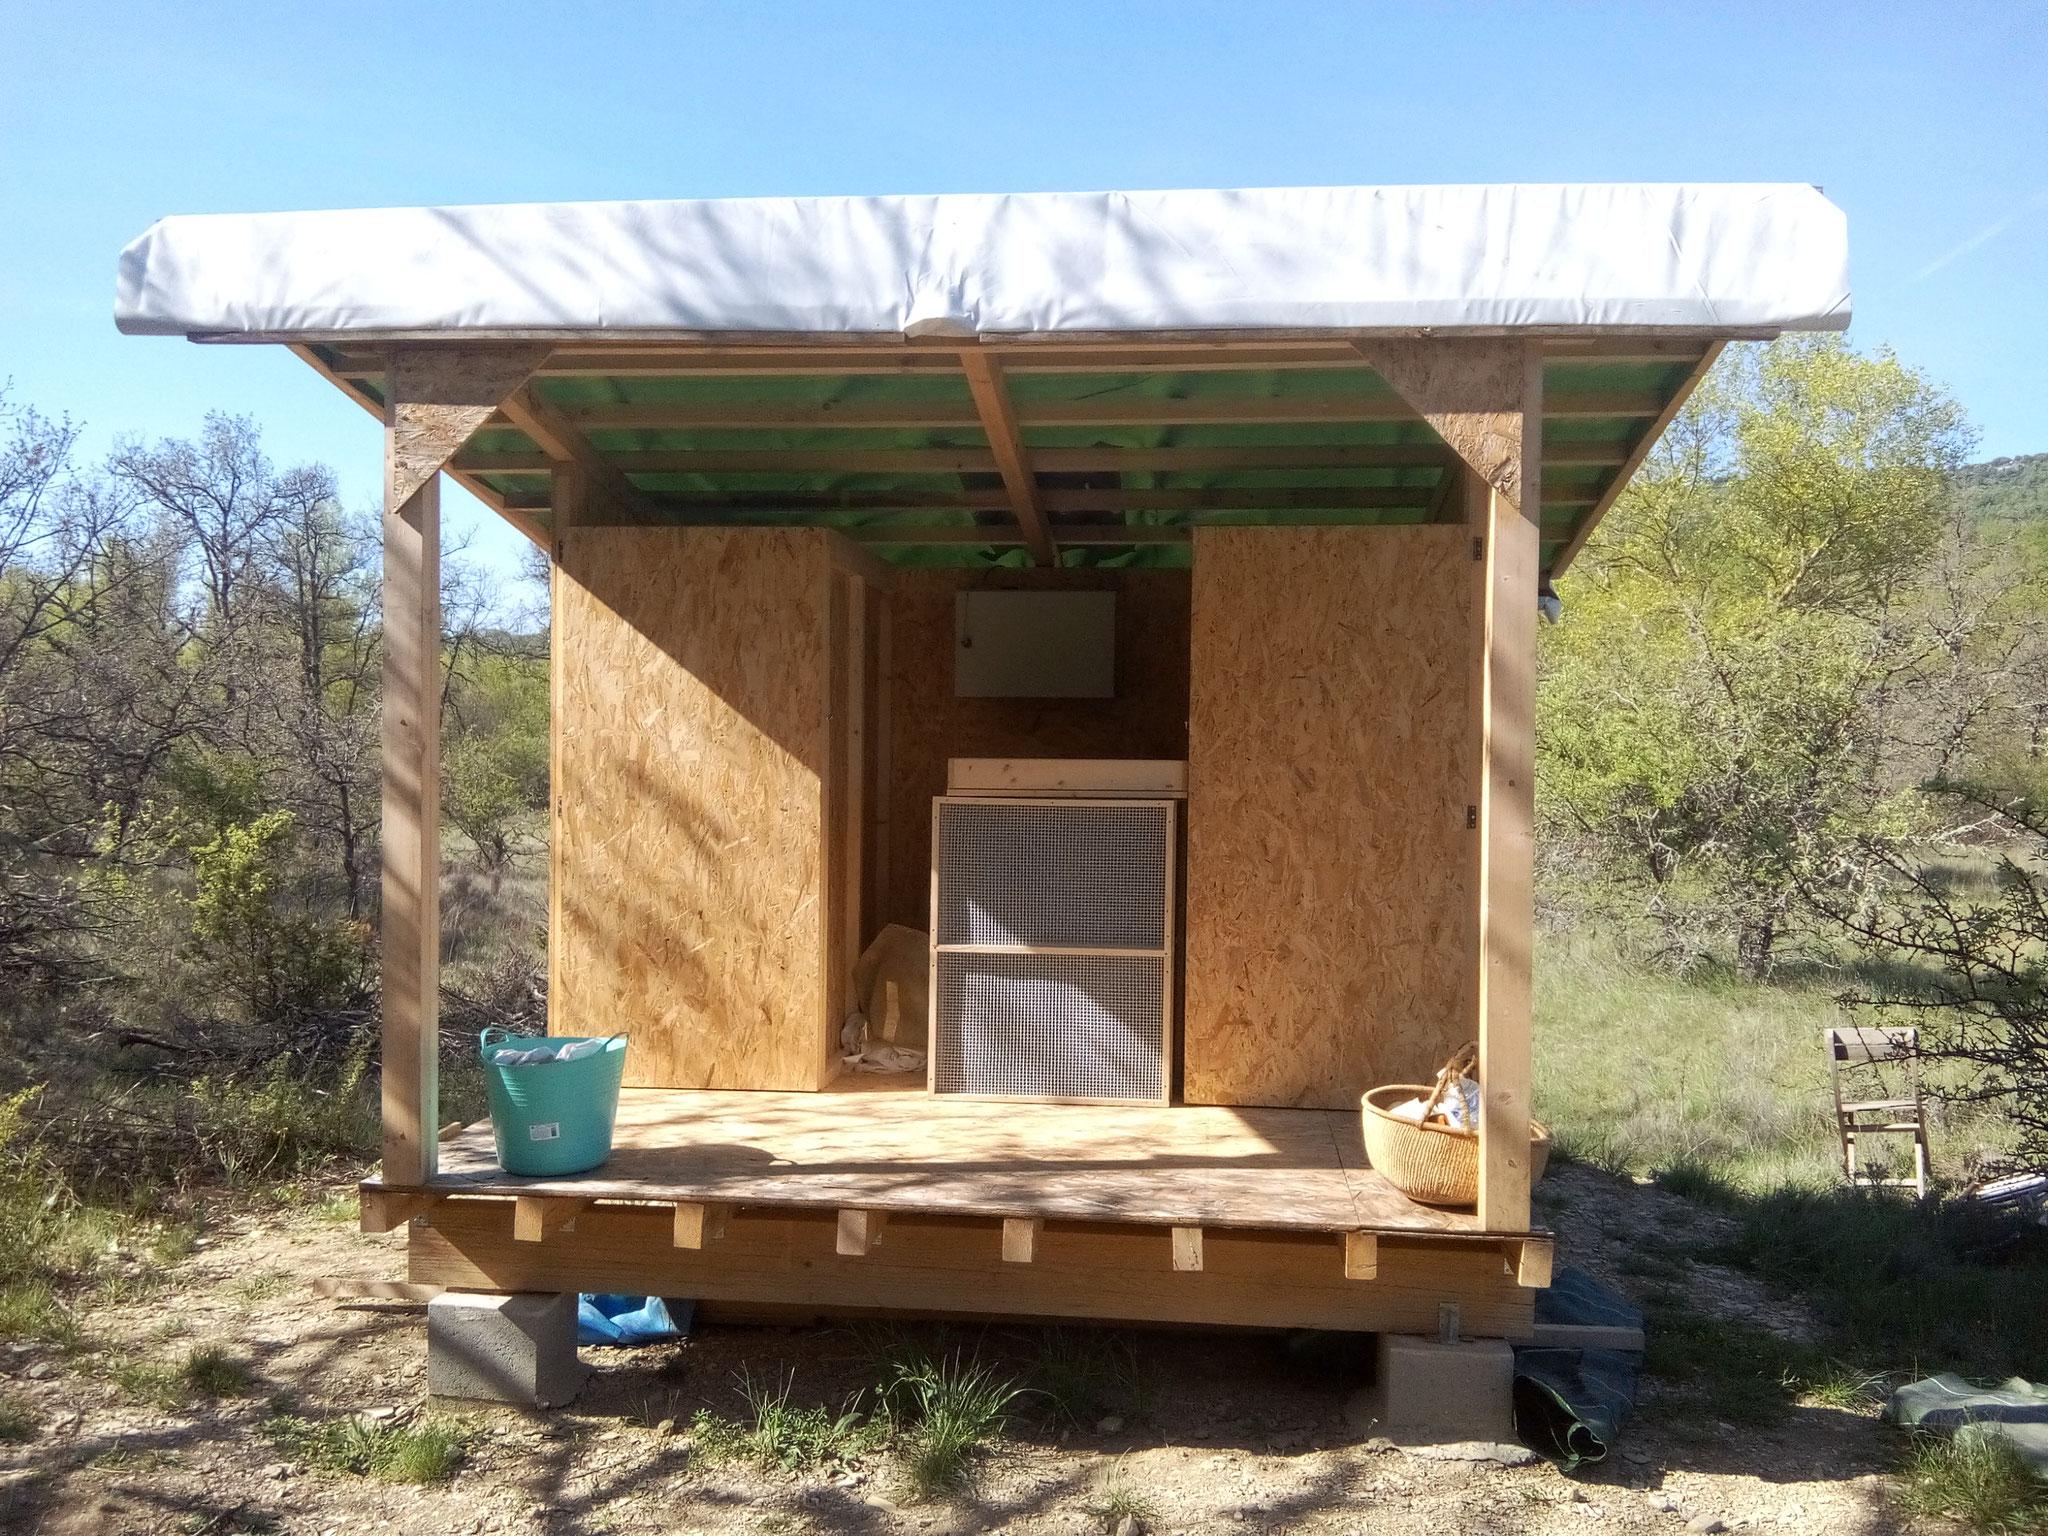 Séchoir solaire / vue intérieure